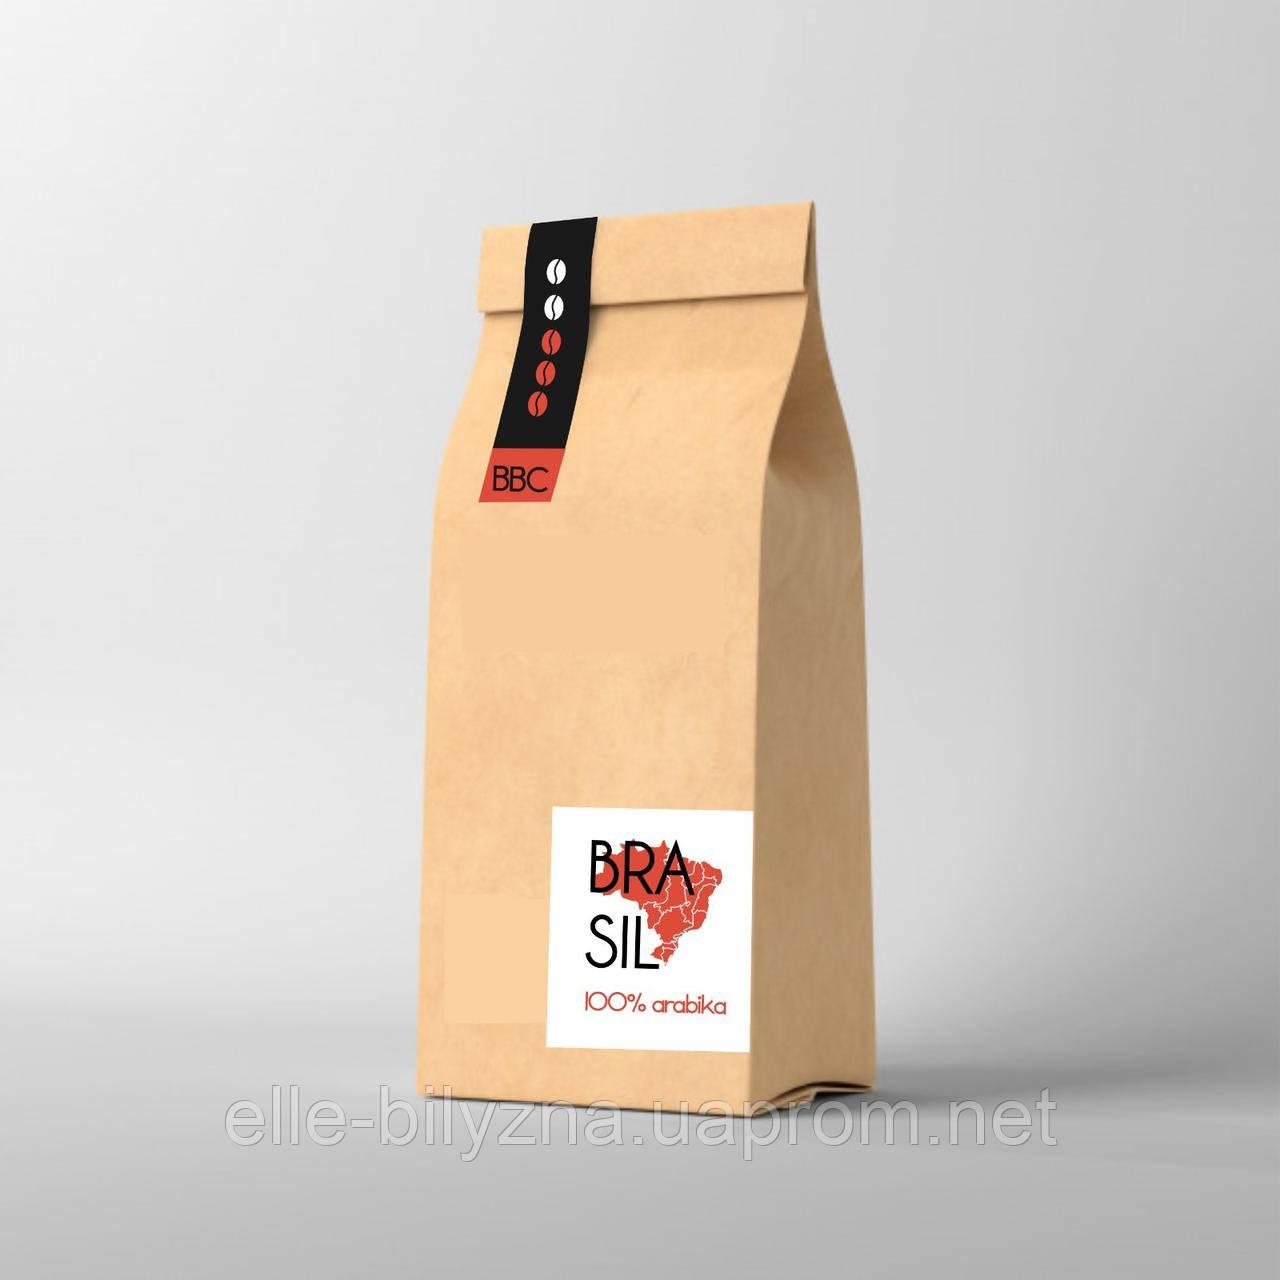 Кофе в зернах или молотый Арабика Бразилия Сантос 1 кг